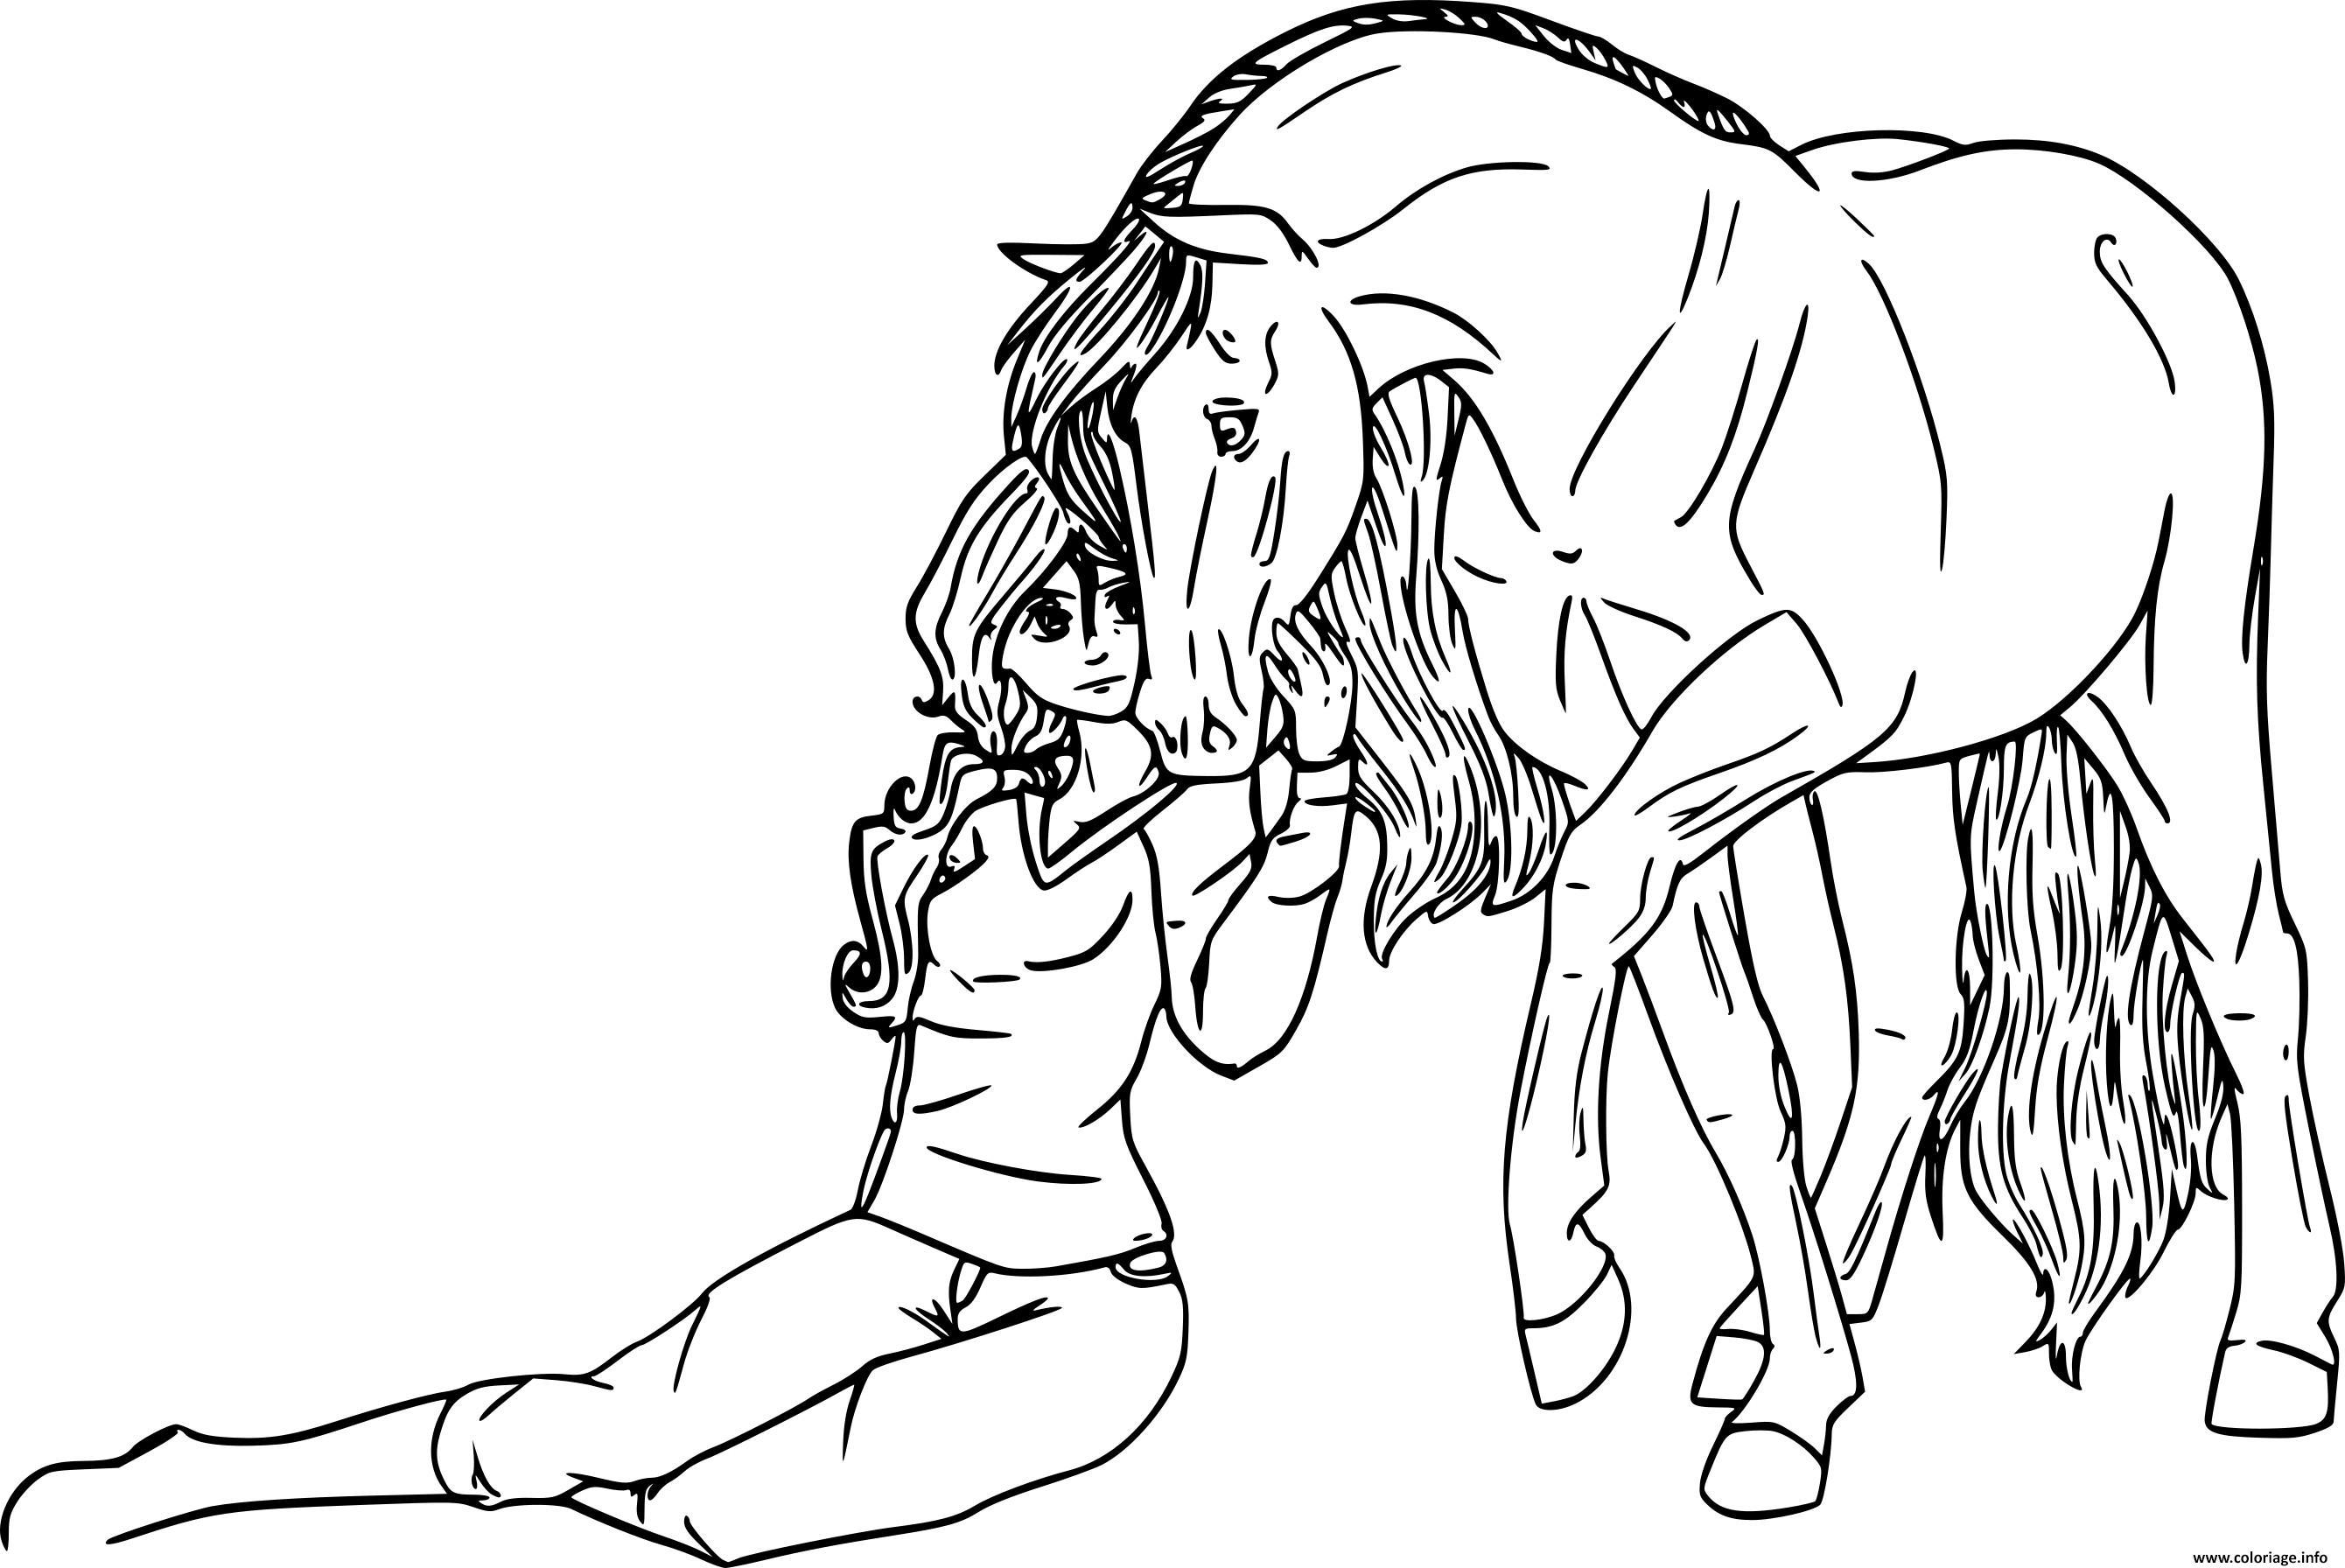 Coloriage une fille se confie a son cheval dessin - Coloriage chevaux ...